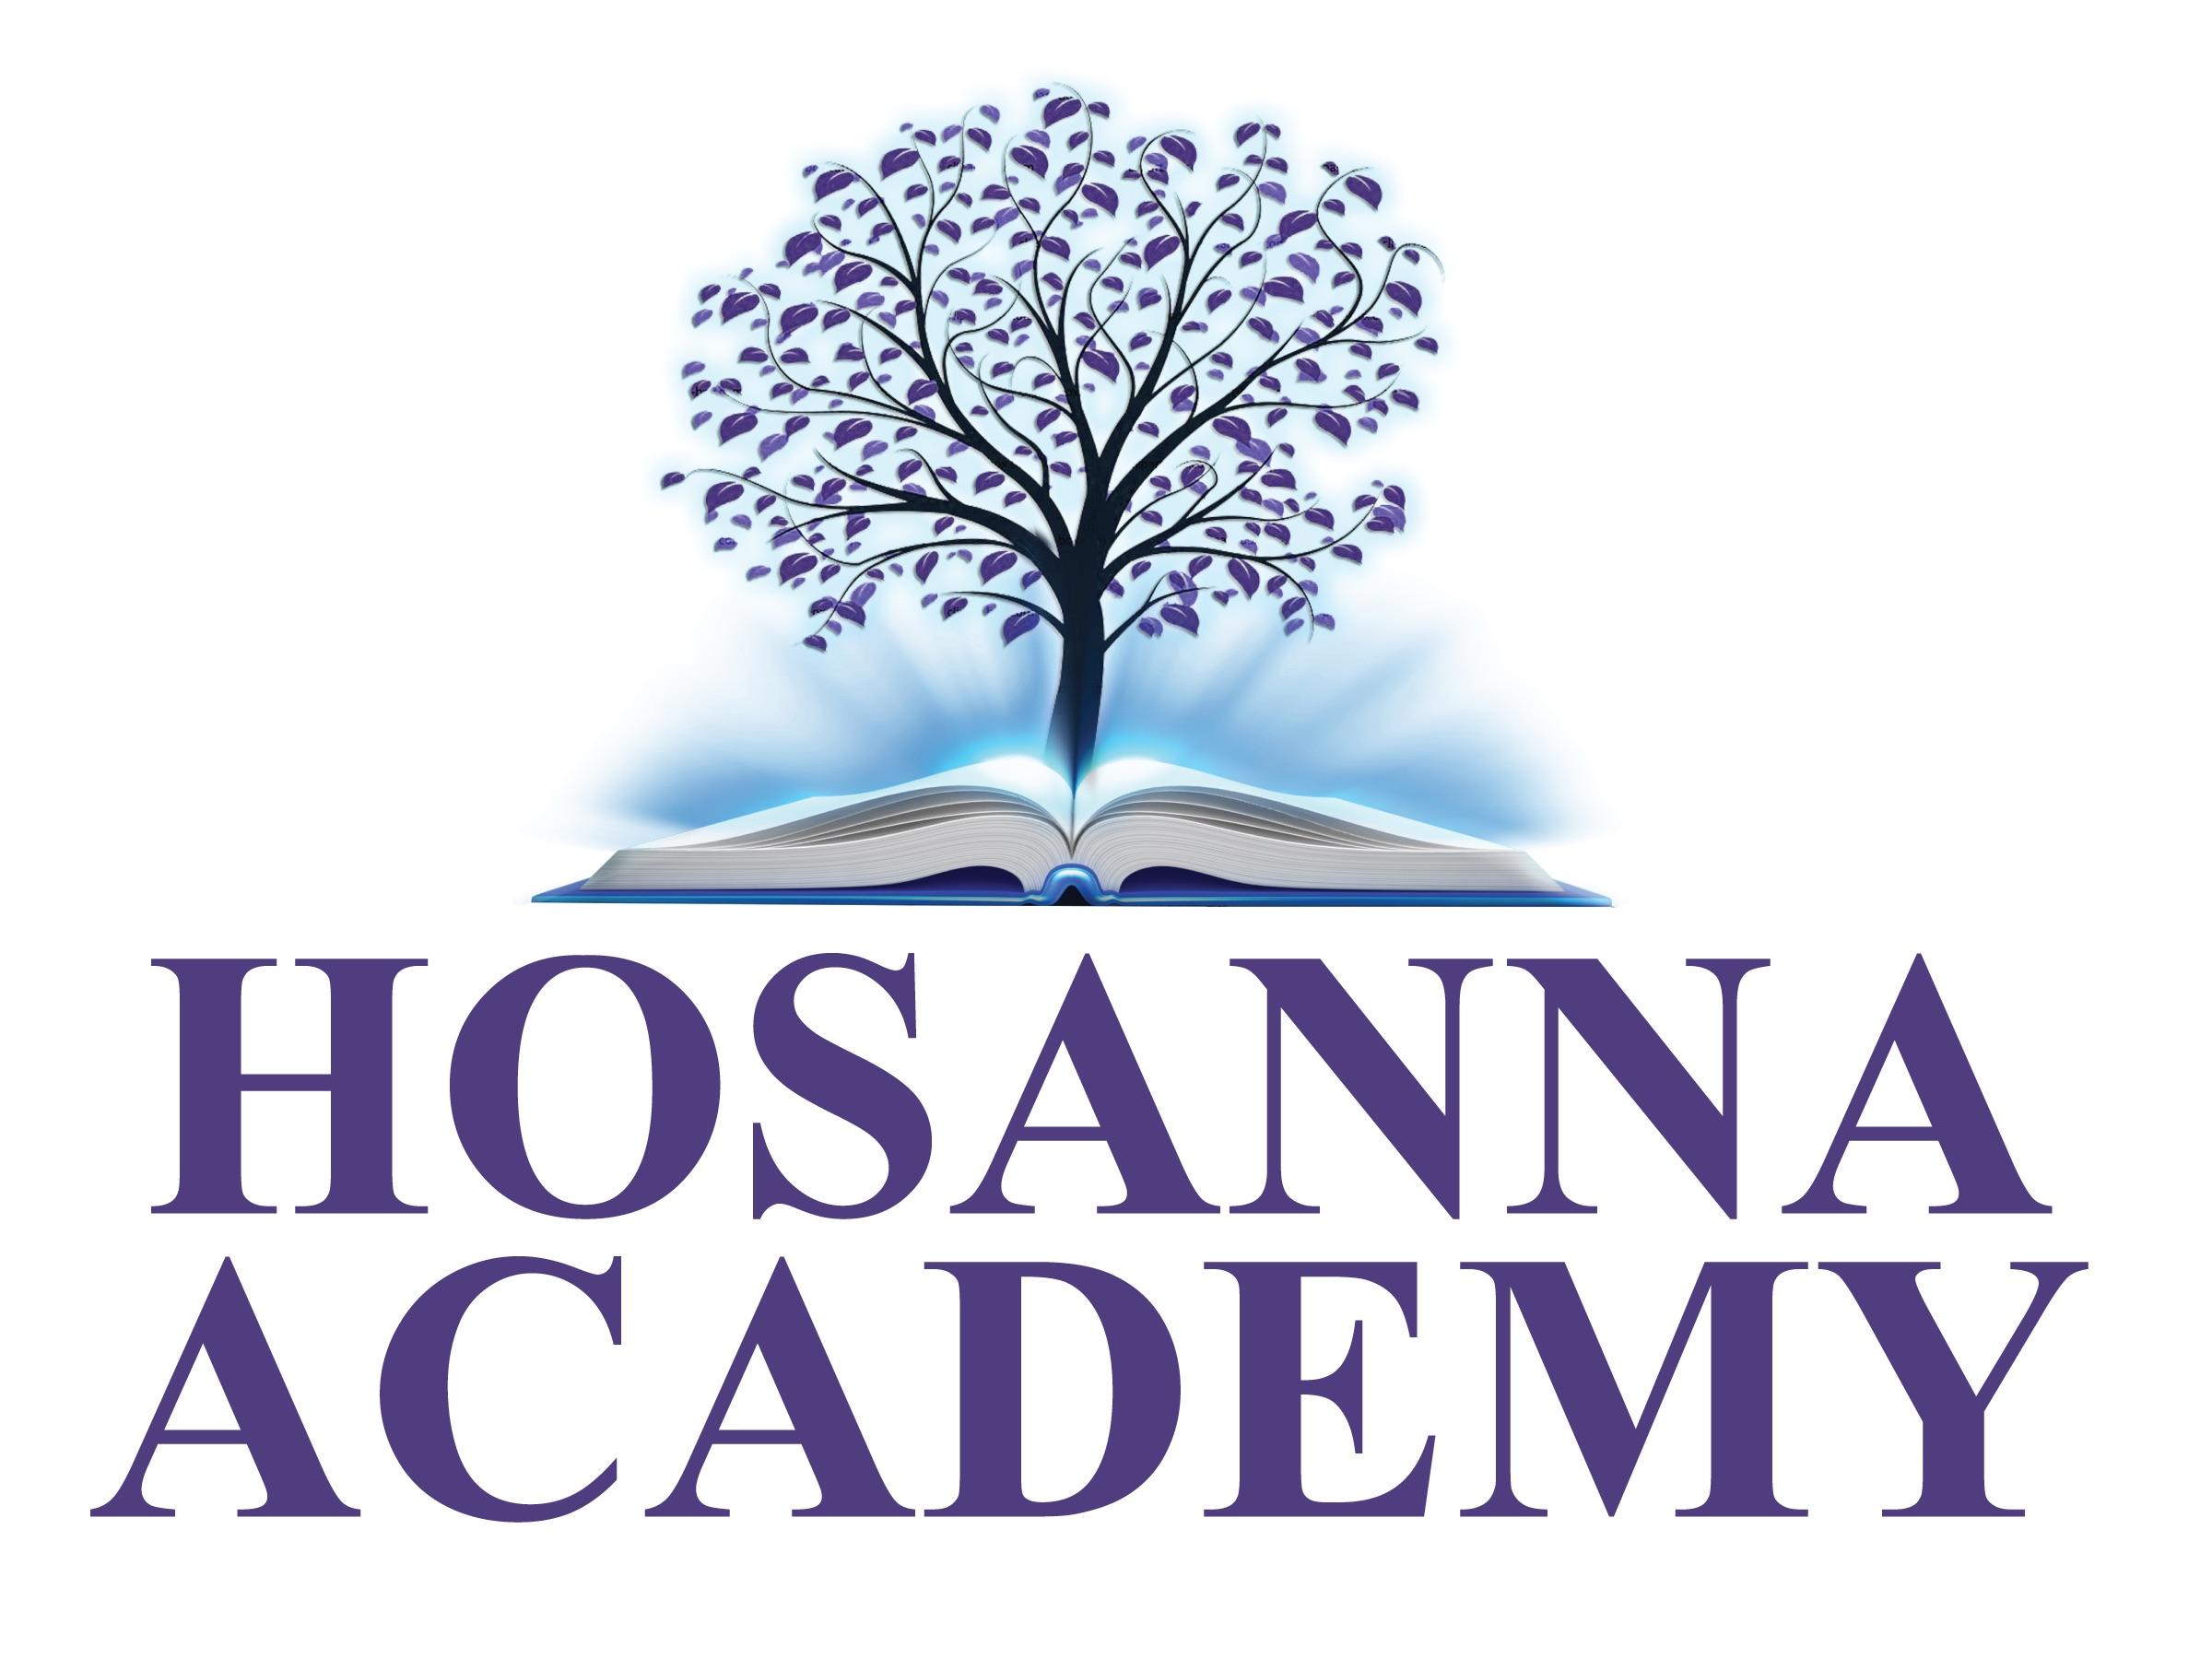 Hosanna Academy